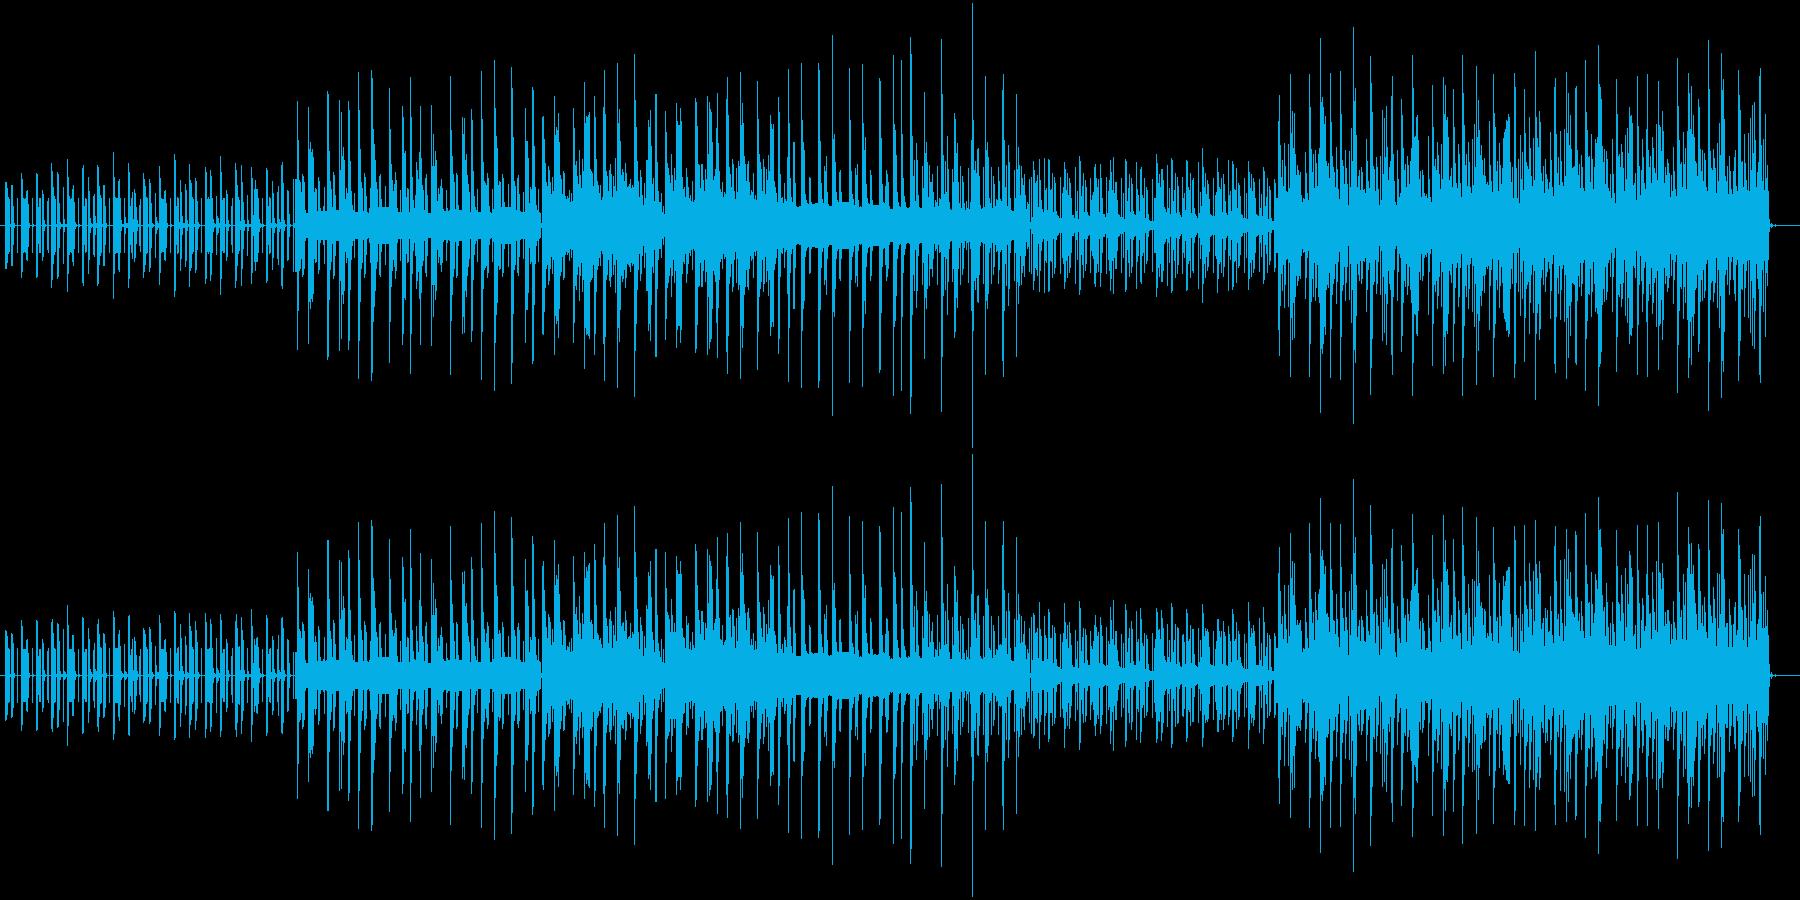 木琴の音がメインでゆったりした曲の再生済みの波形